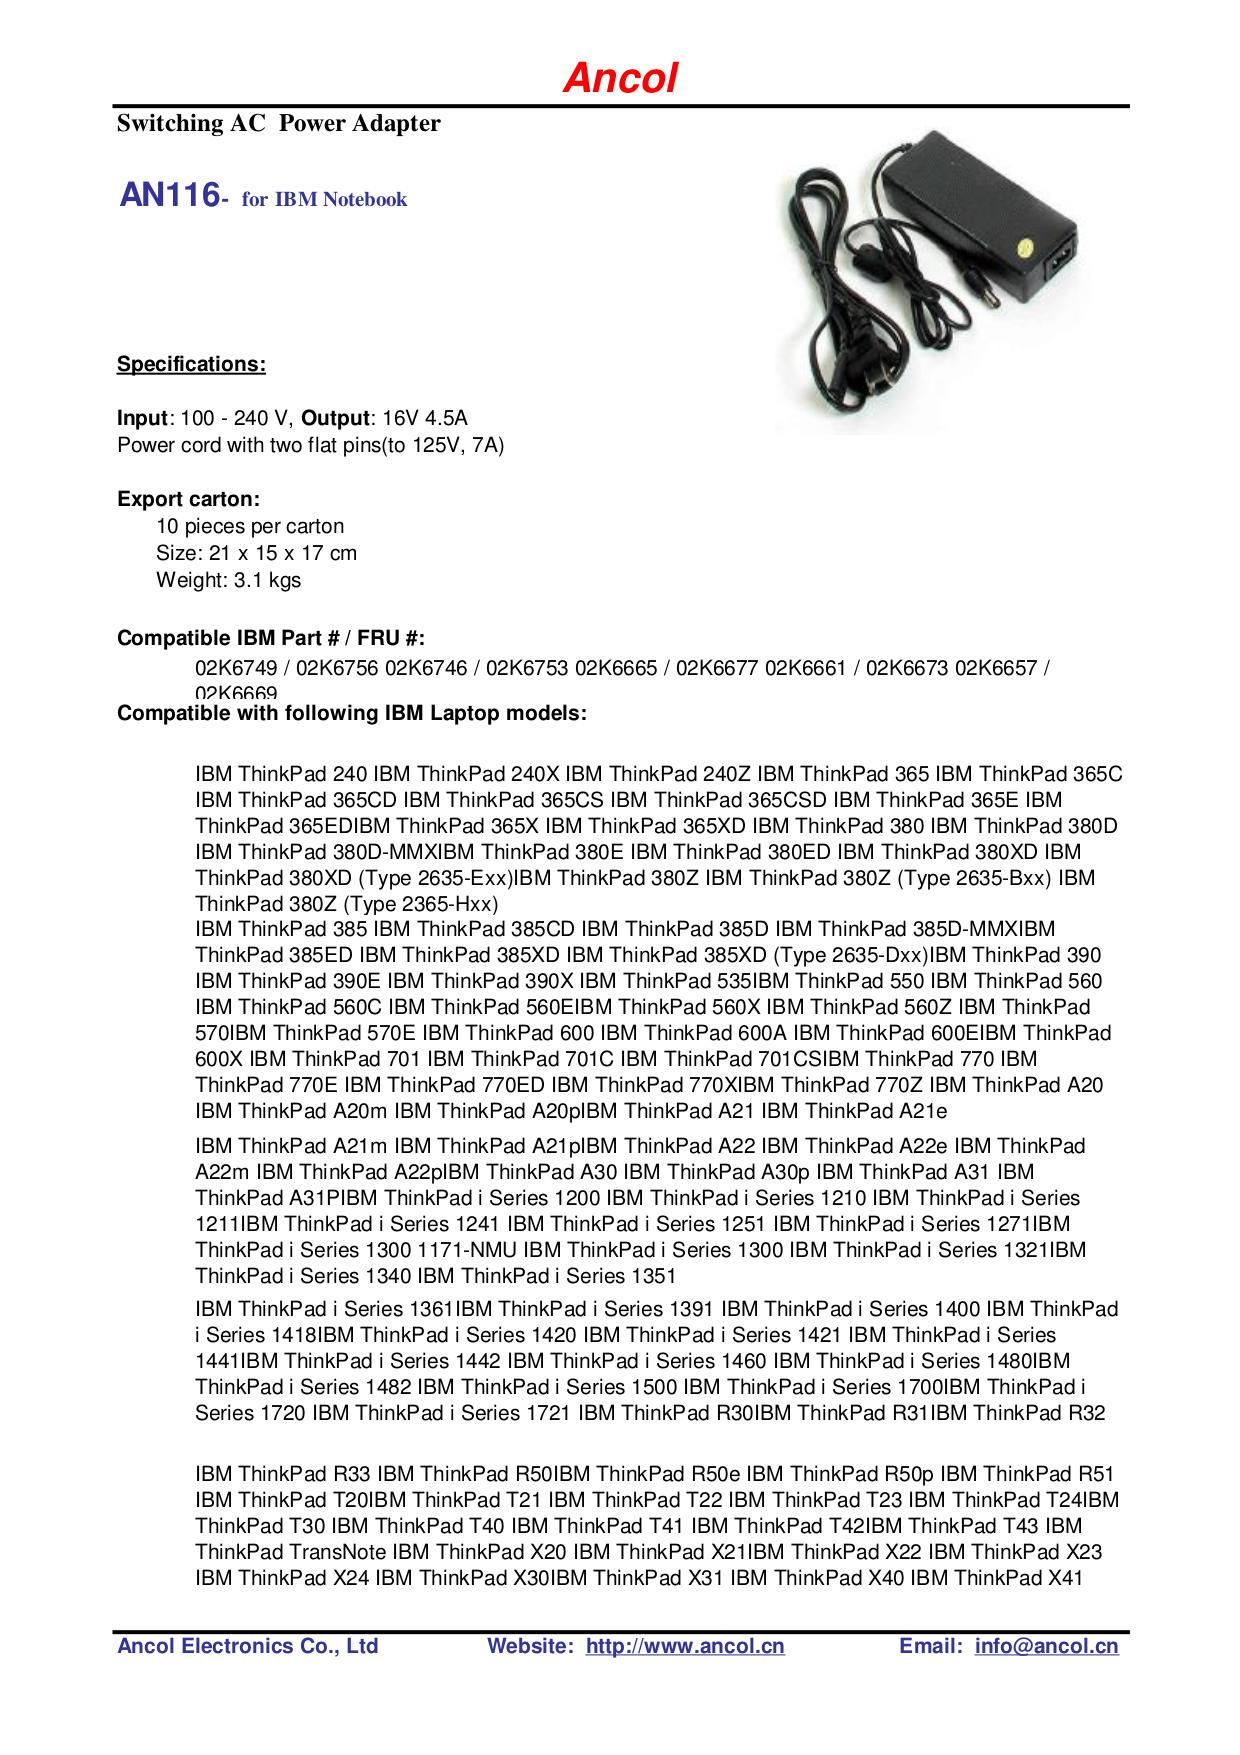 pdf for IBM Laptop ThinkPad A20m manual